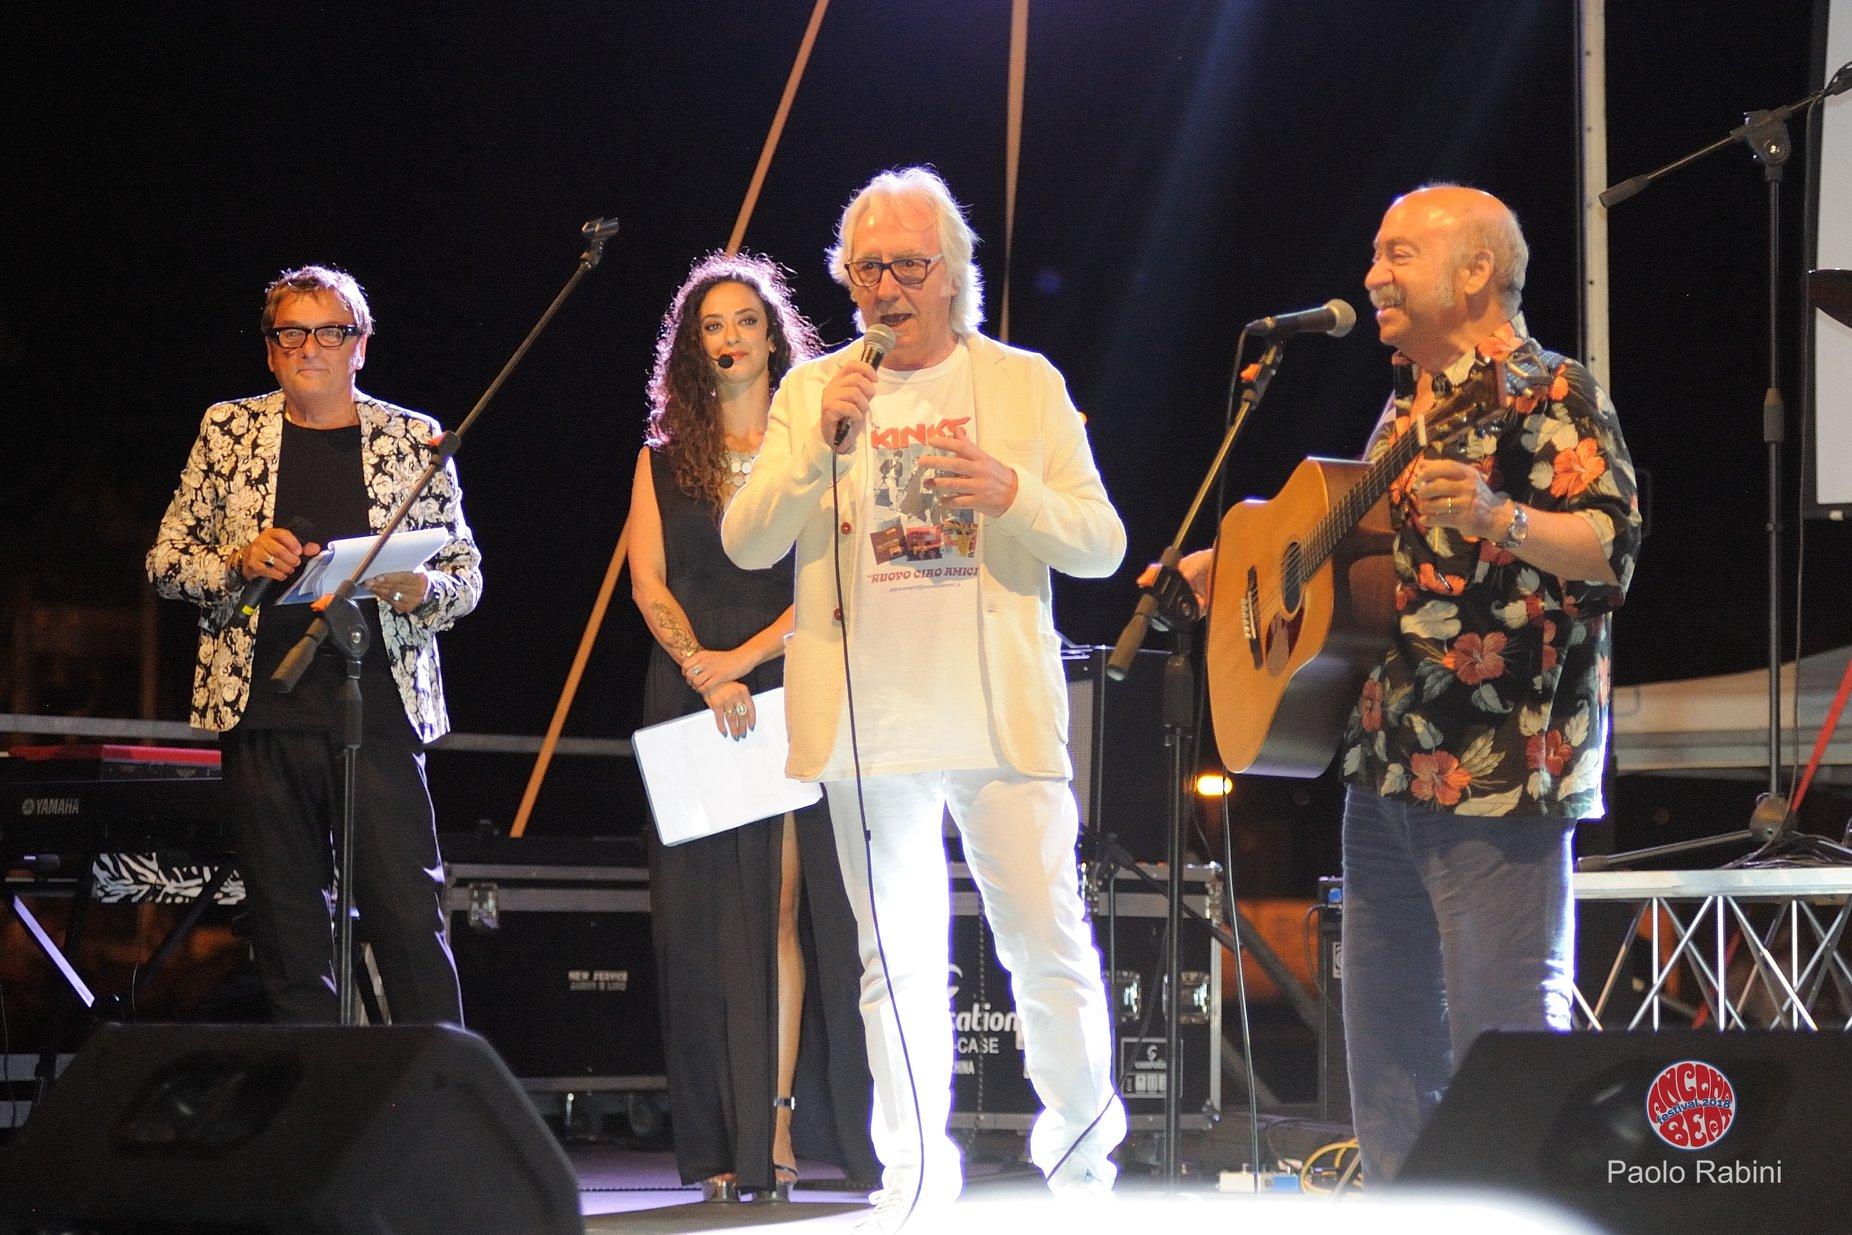 Ricky all'Ancona Festival 2018 presentato da Claudio Scarpa